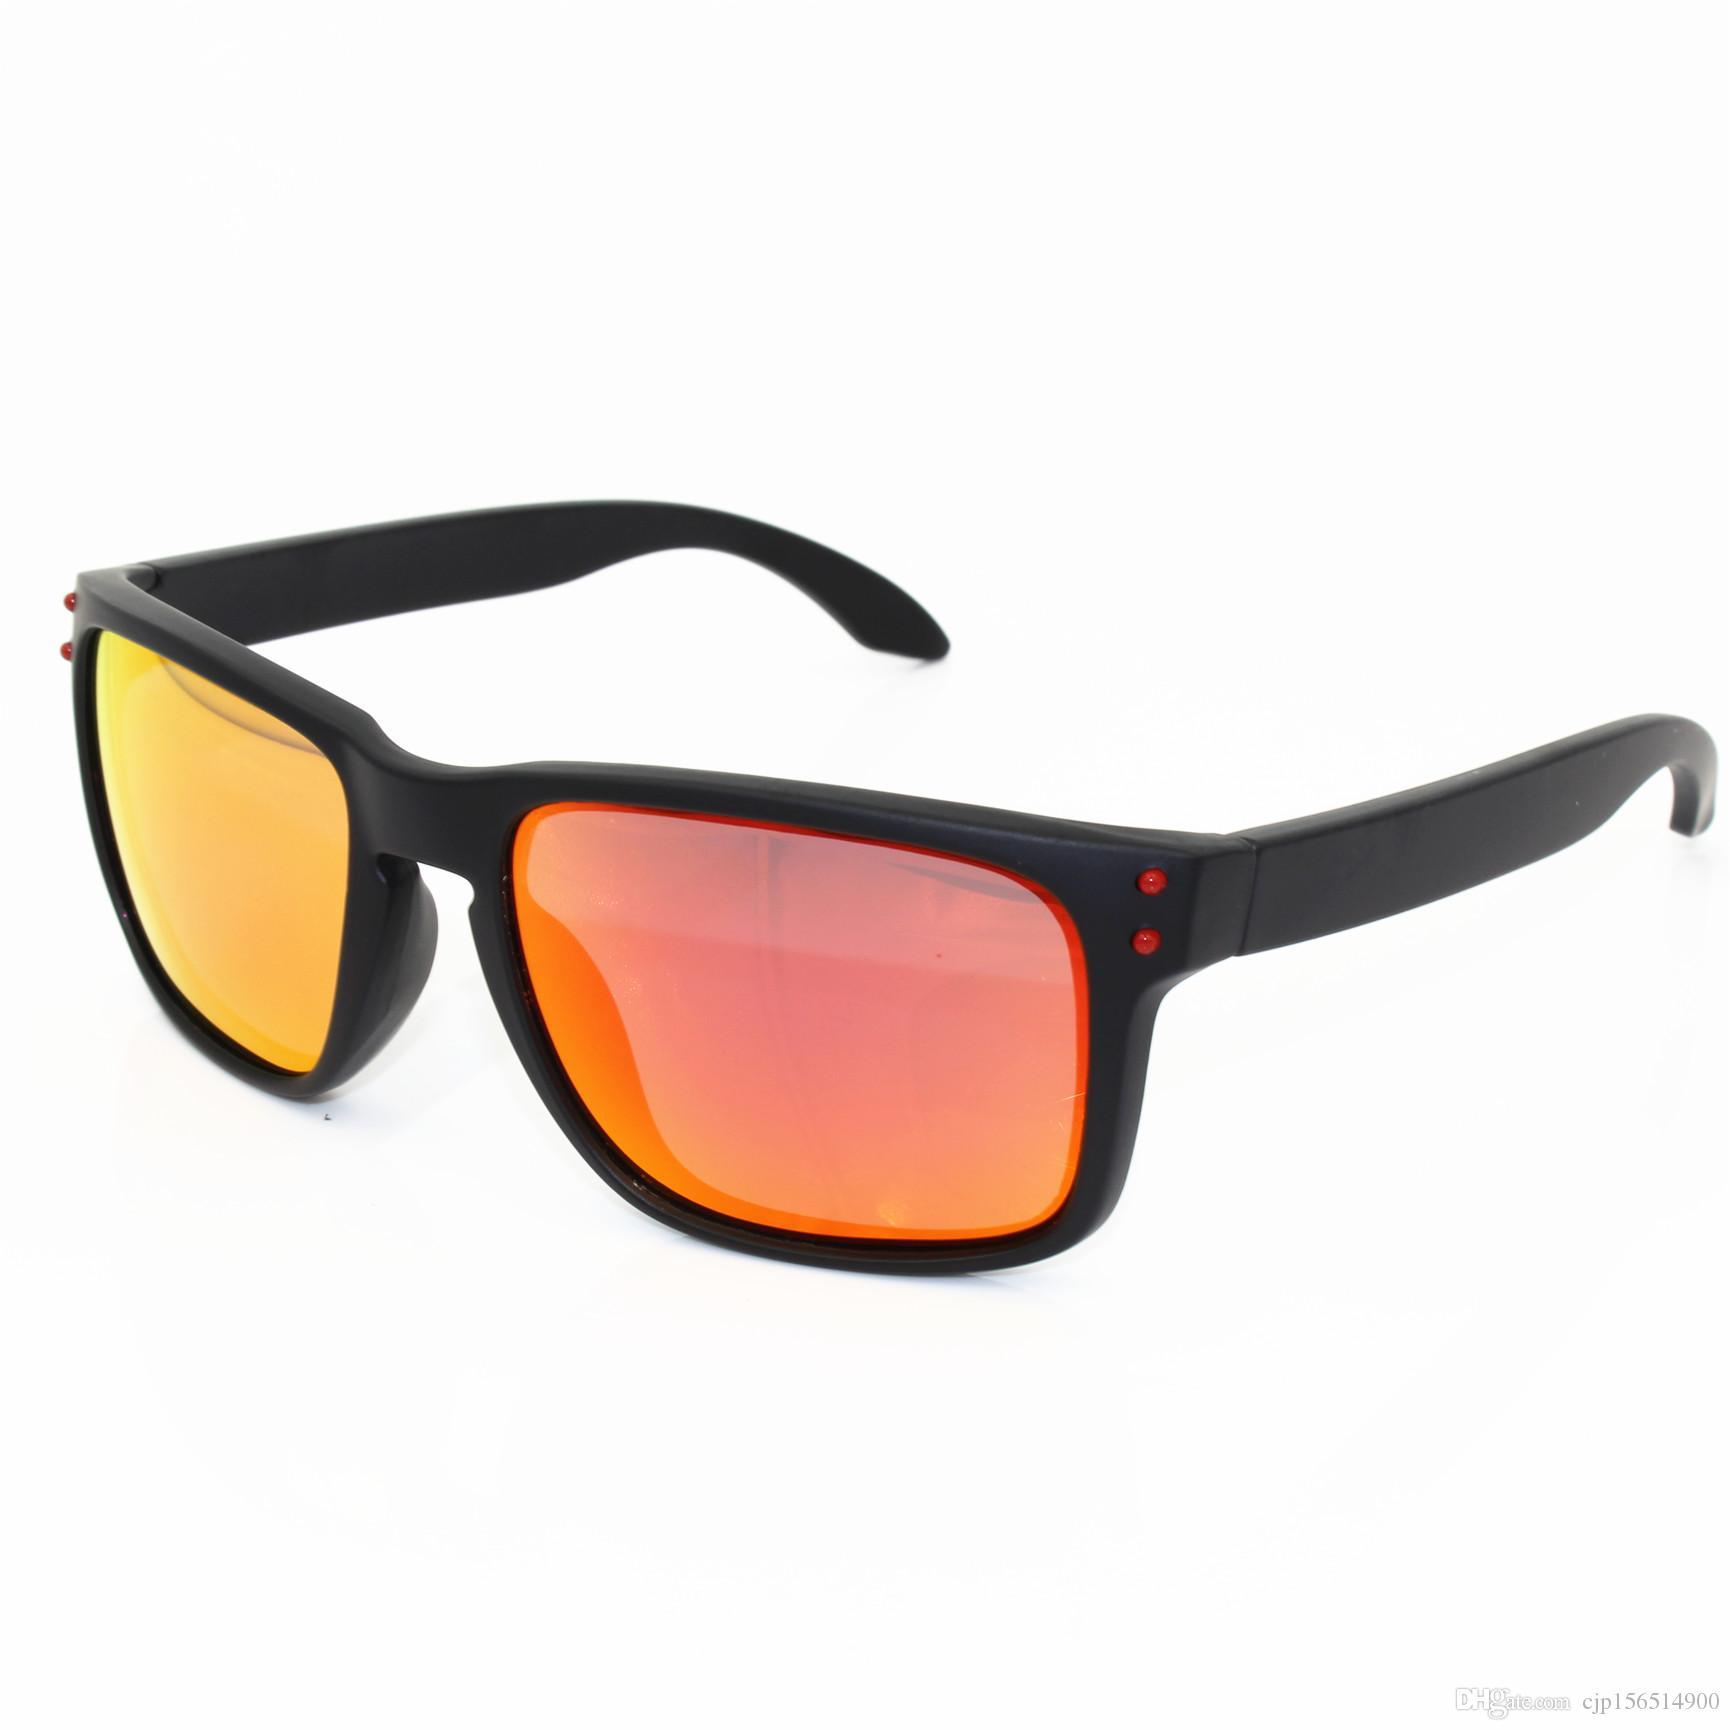 08628419d0 Compre 2017 Marca Holbrook Nueva Versión Superior Gafas De Sol TR90 Marco Lente  Polarizada UV400 Deportes Gafas De Sol Tendencia De La Moda Gafas Gafas A  ...